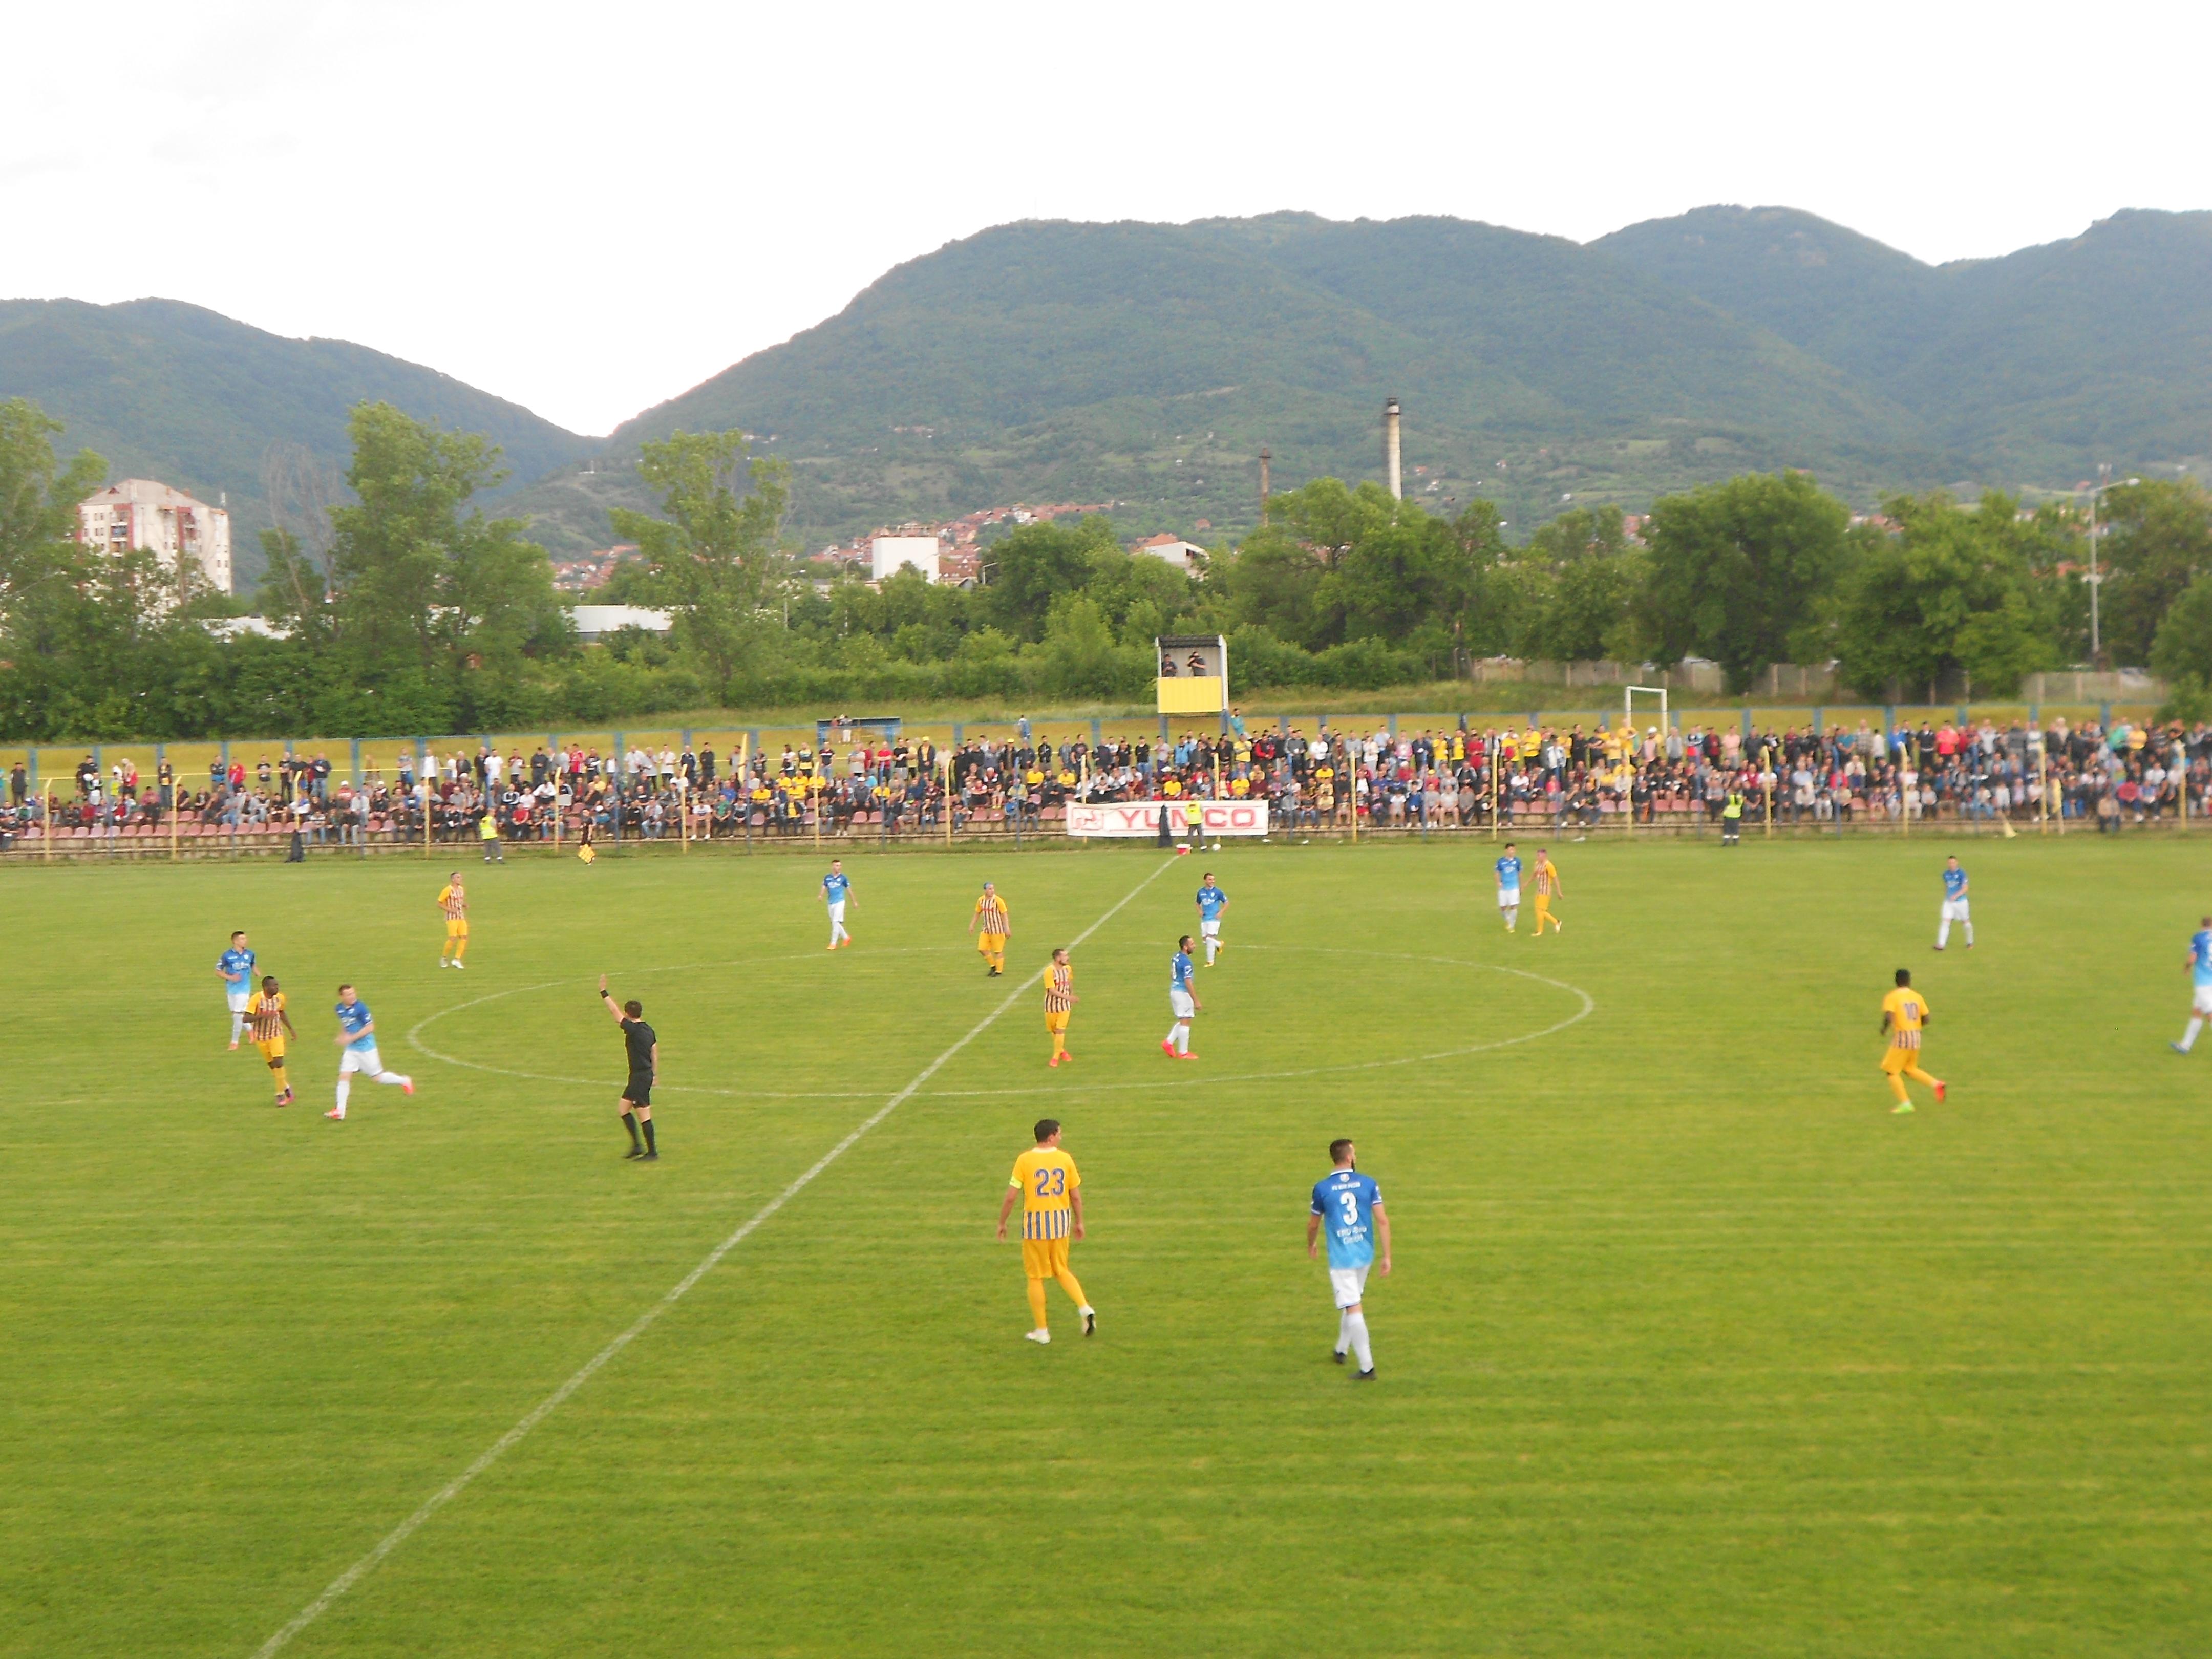 Foto: J.Ristić